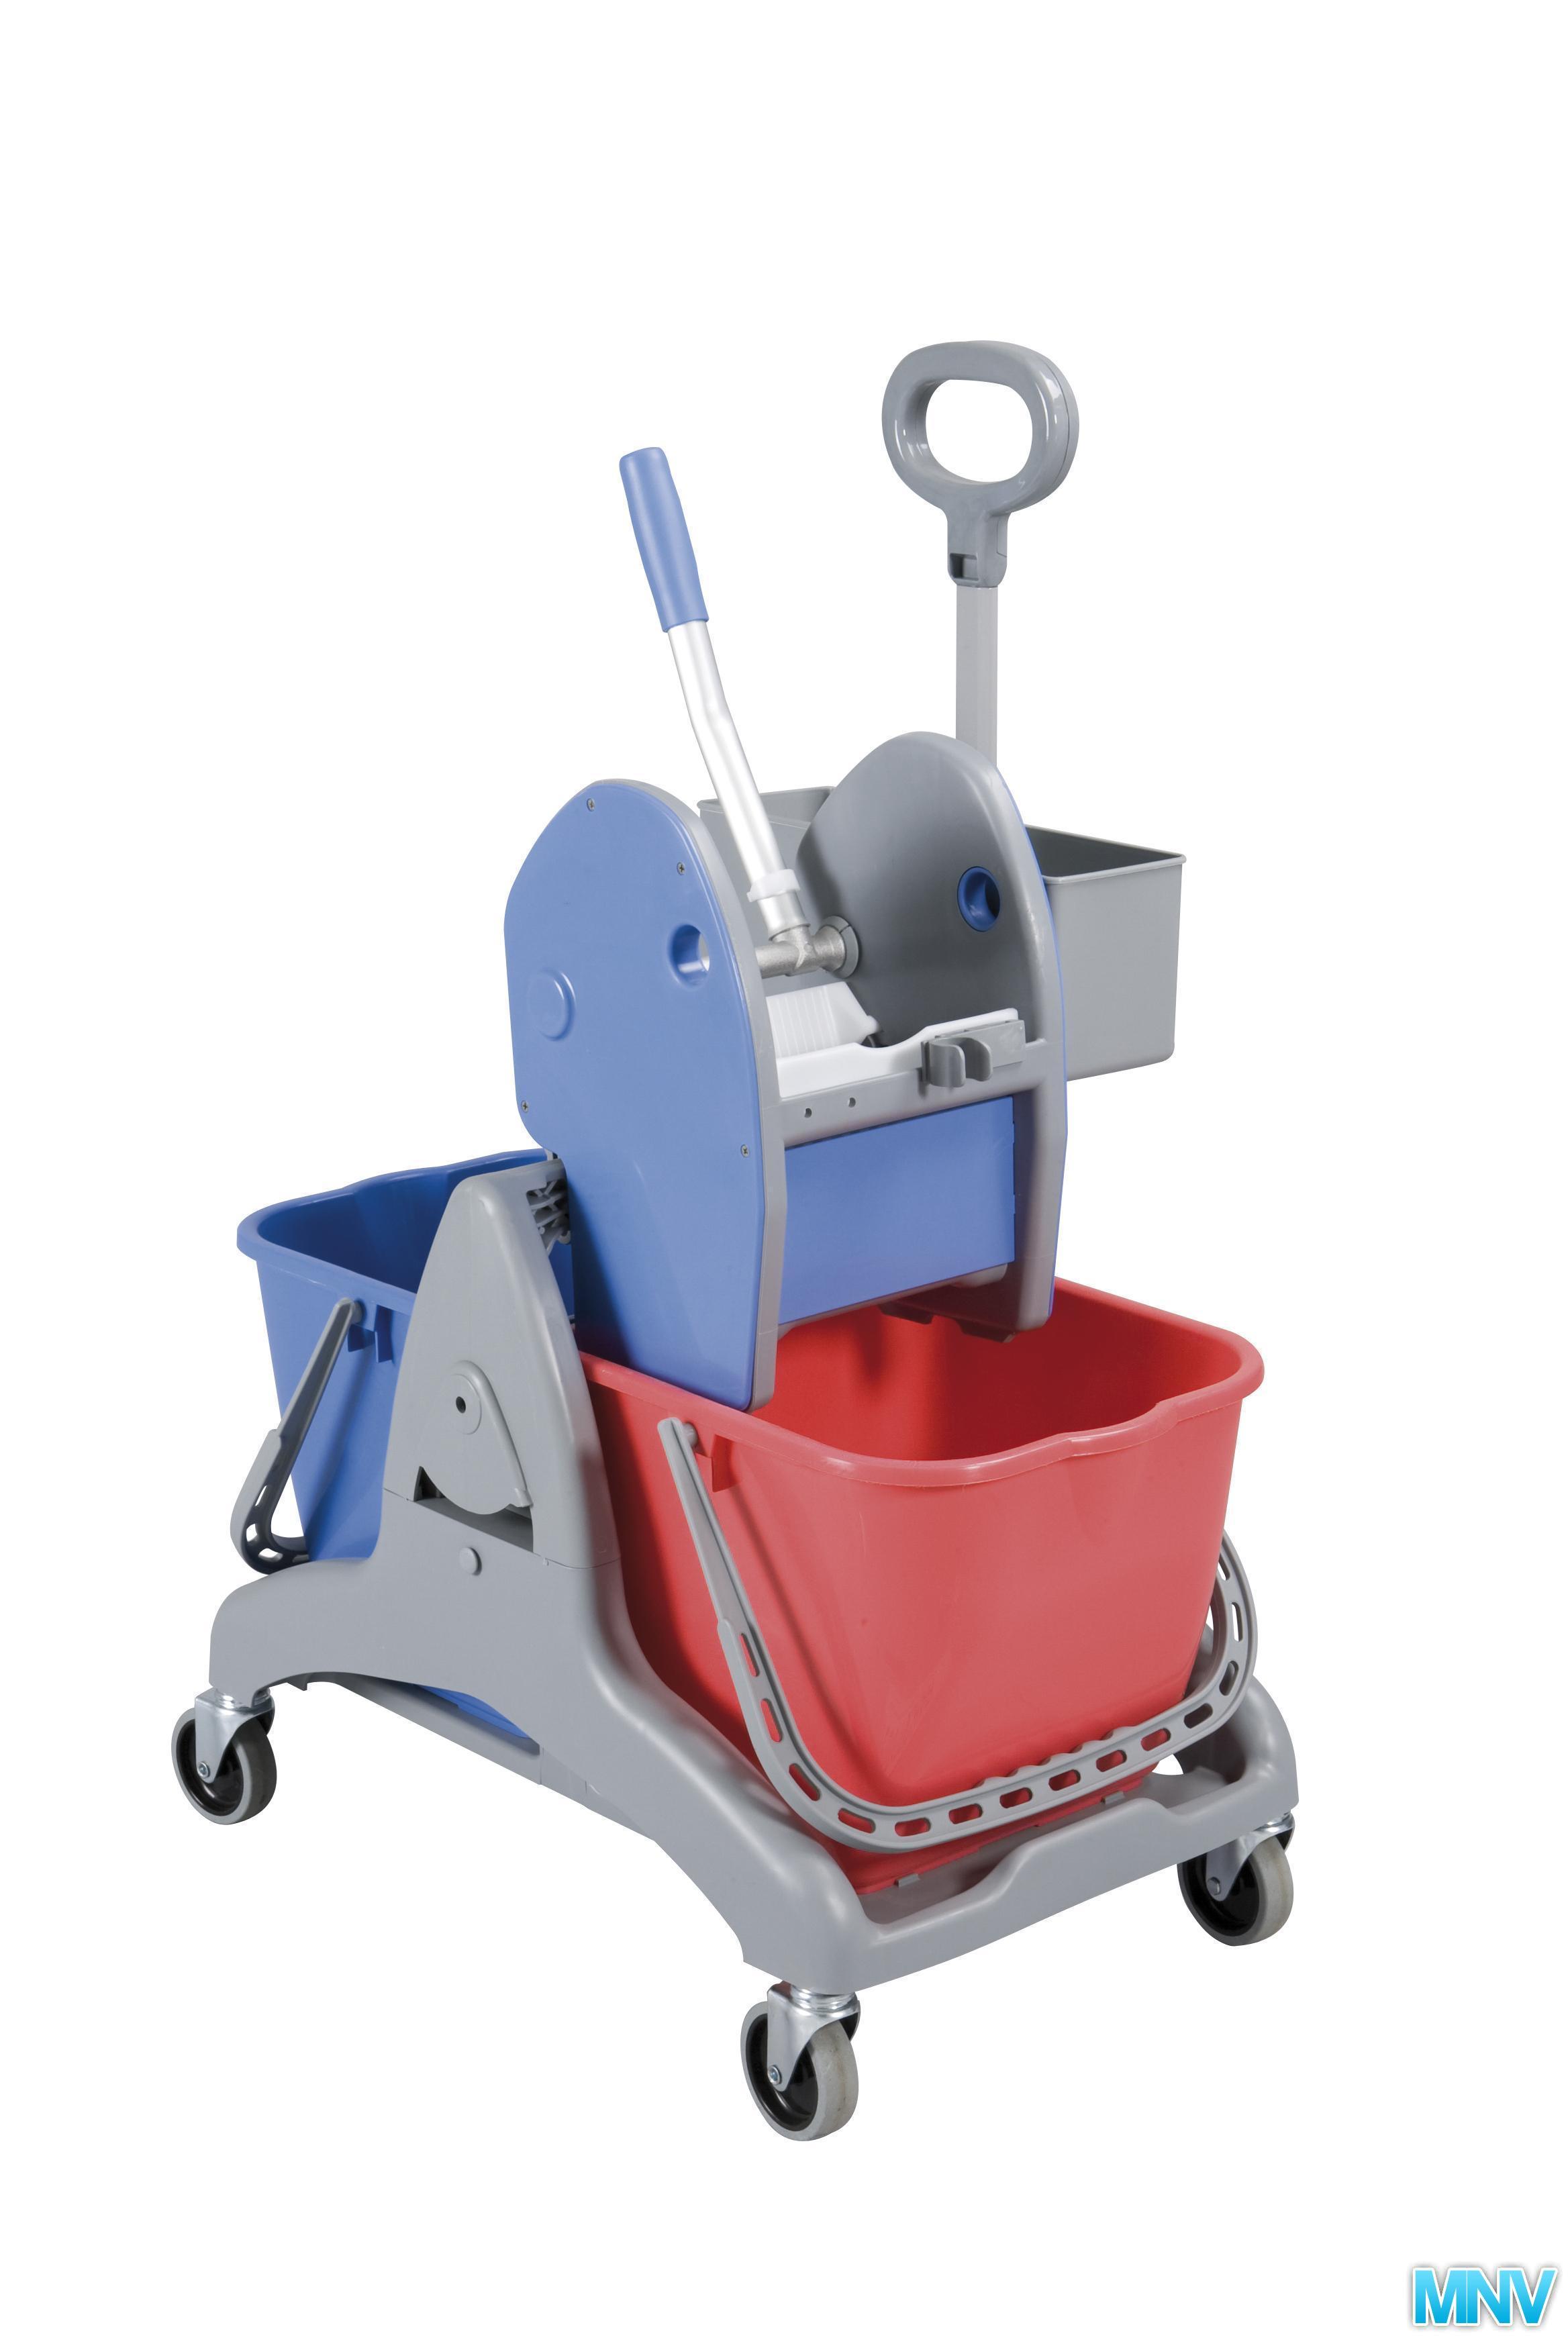 Chariot de lavage tristar for Chariot de menage